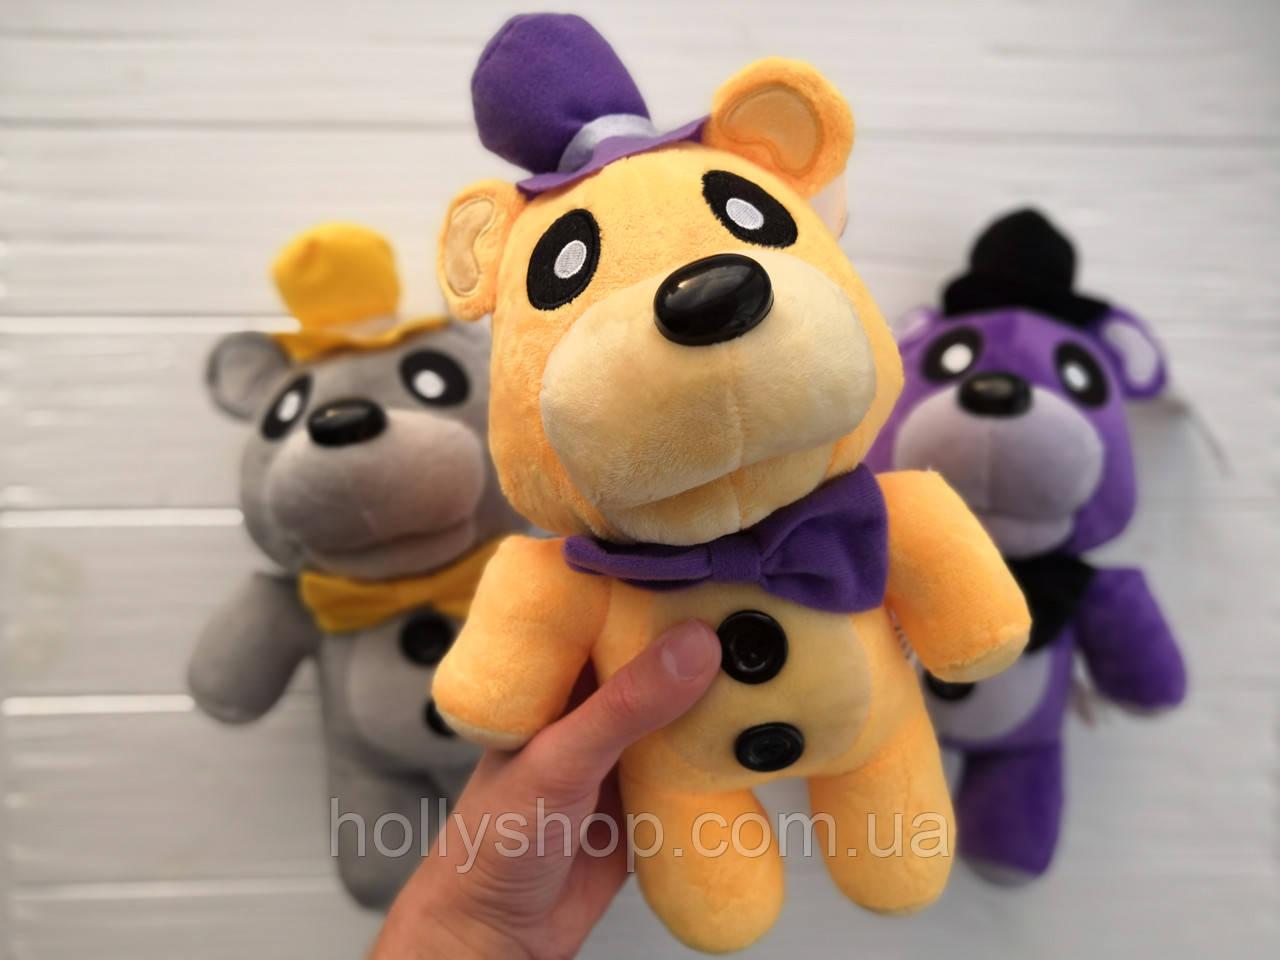 Мягкая игрушка Пять ночей с Фредди, FNaF - Мишка Фредди 30см (Golden Freddy, золотой)